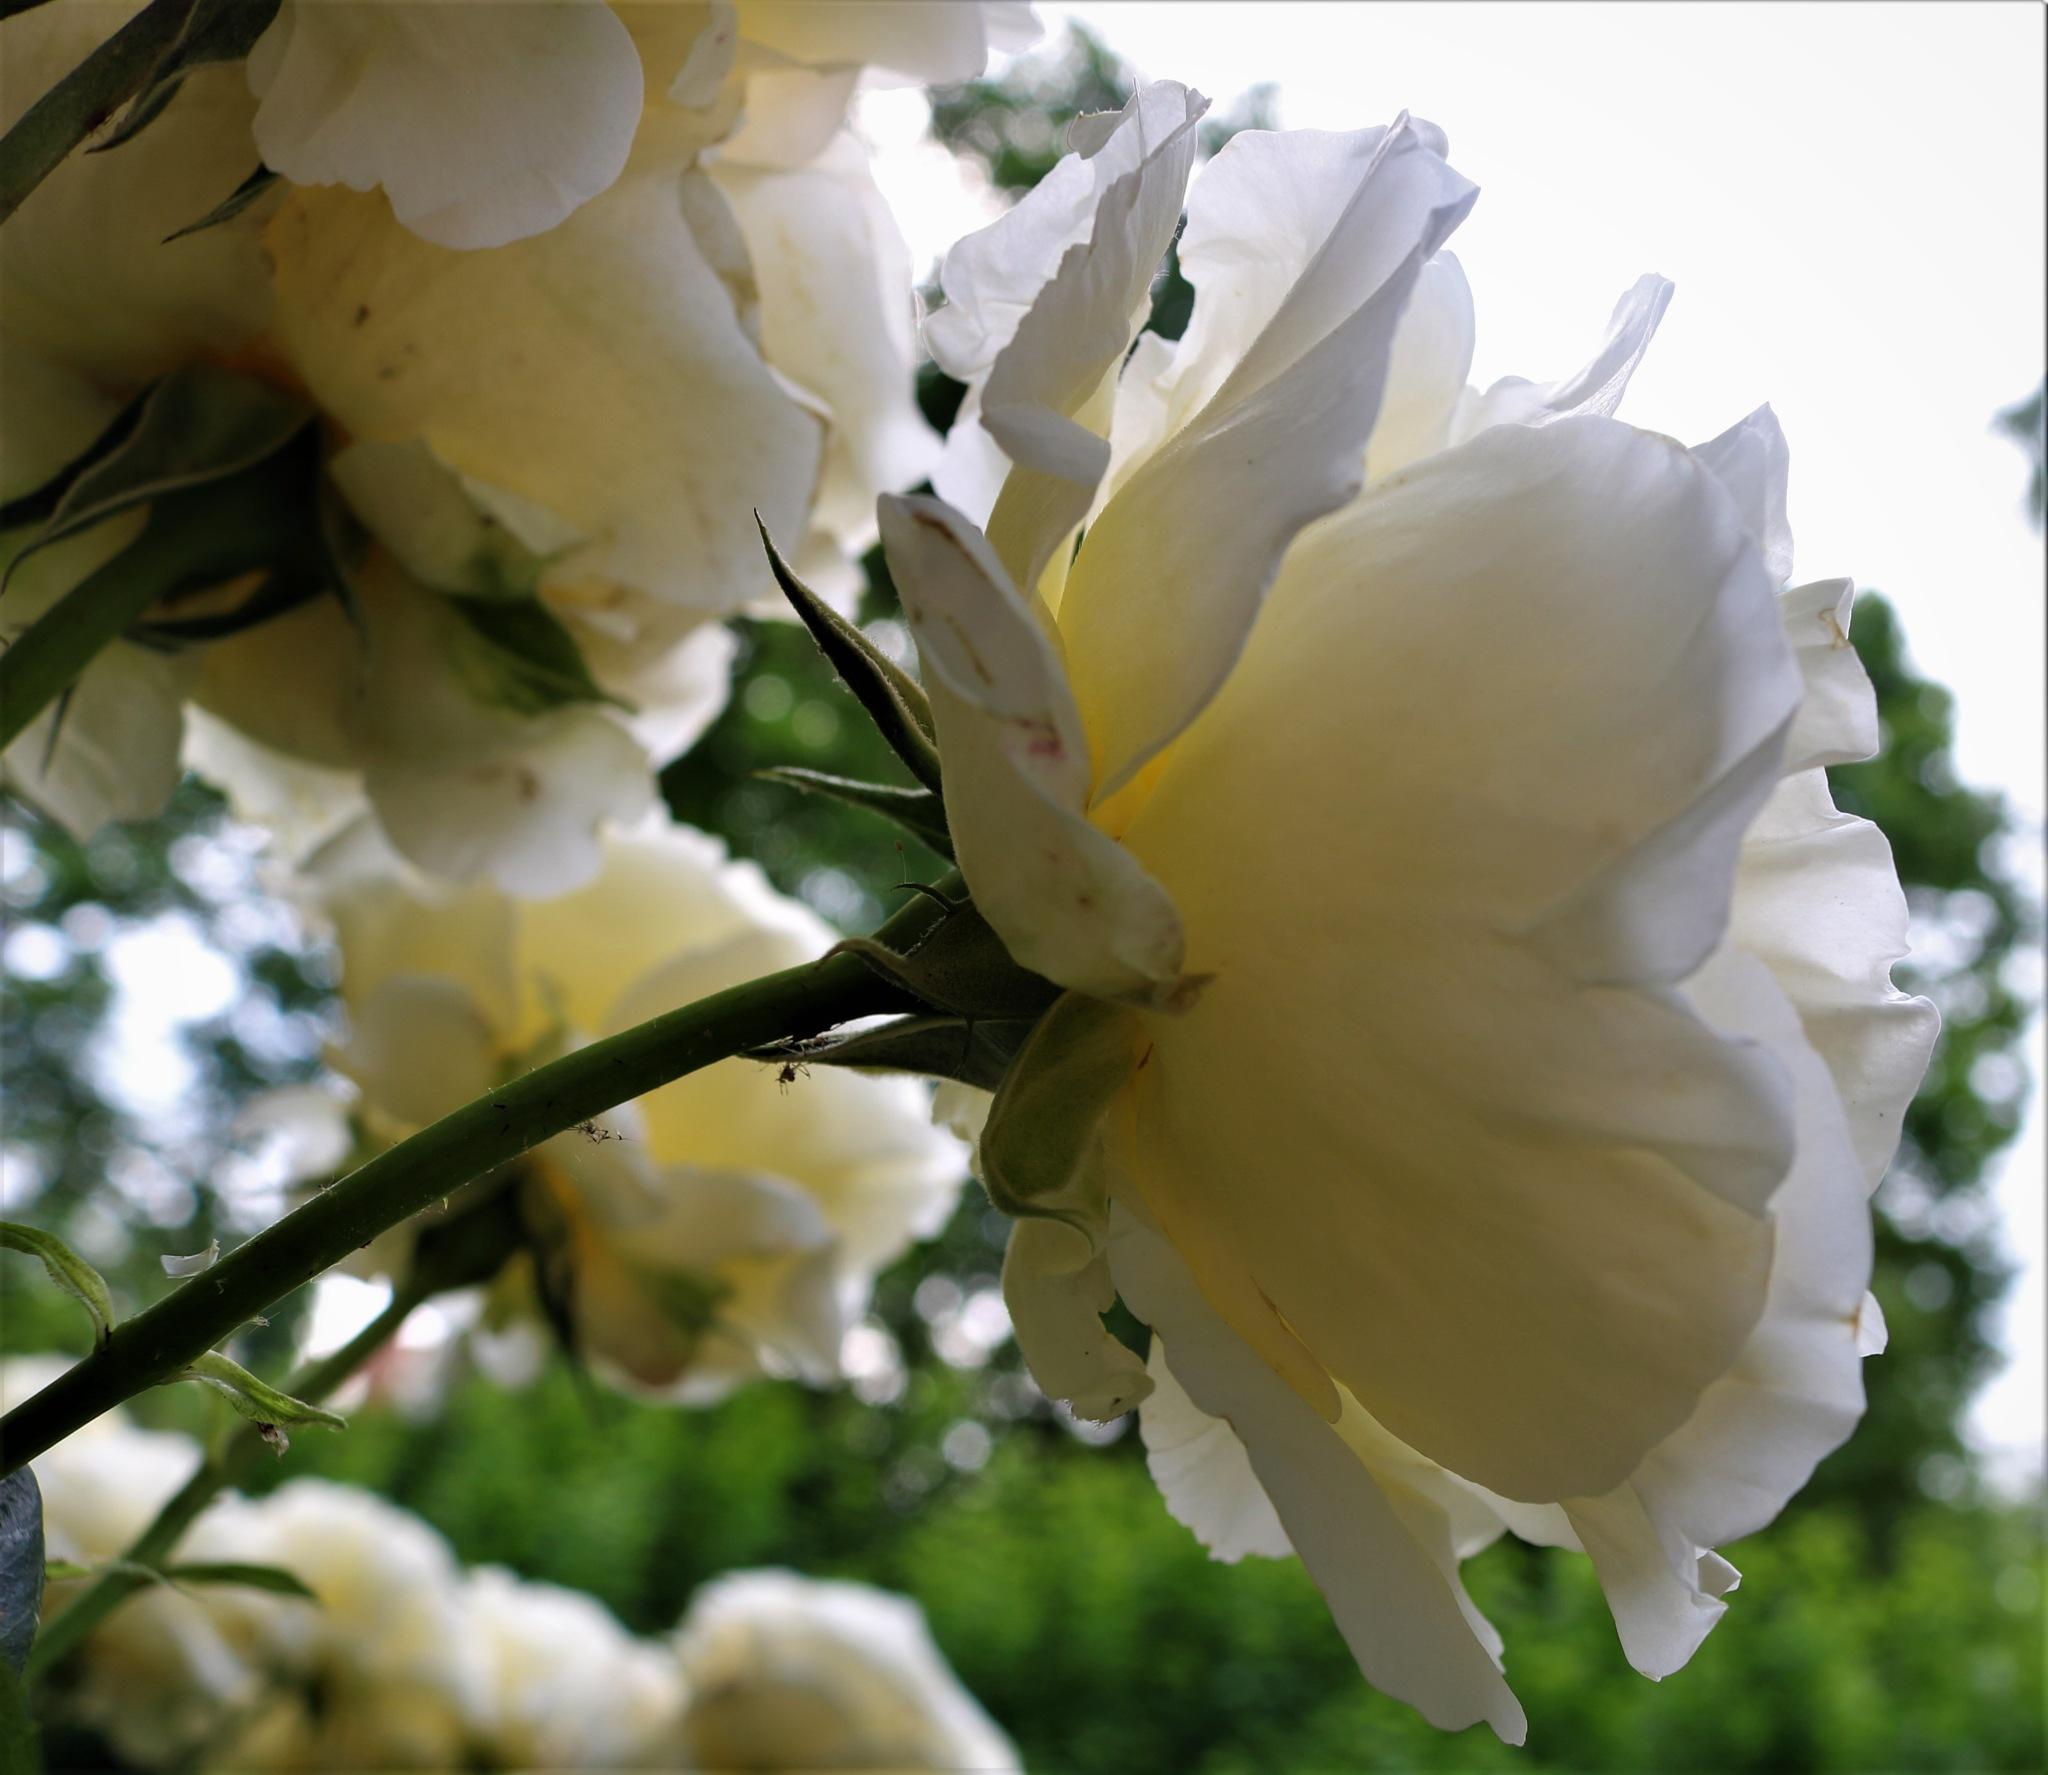 Vrtnica by zvnktomasevic